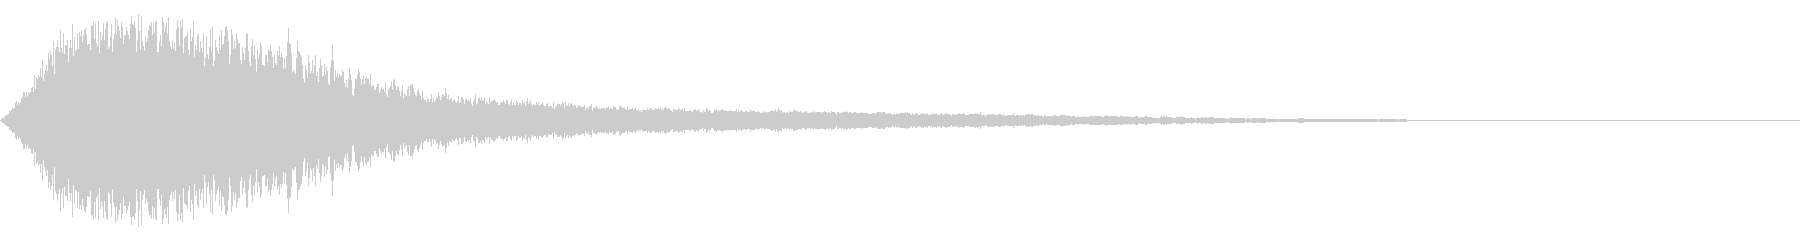 シャキーン キラーン☆強烈な輝きに!11の未再生の波形